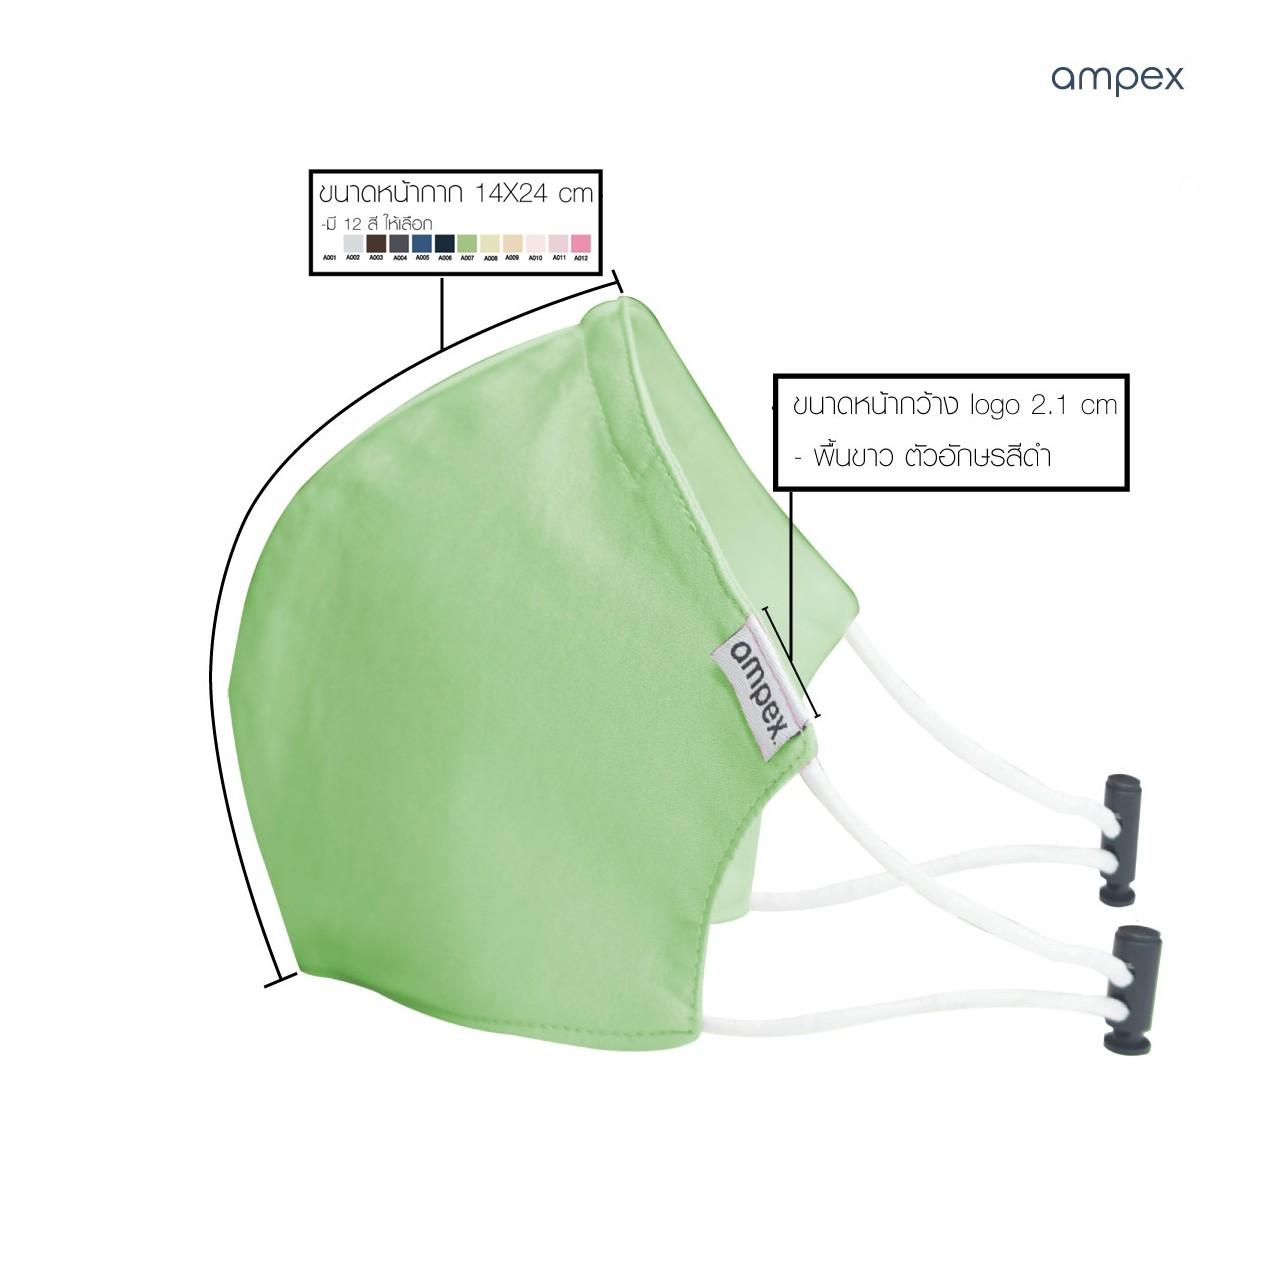 ampexmasksize1 1